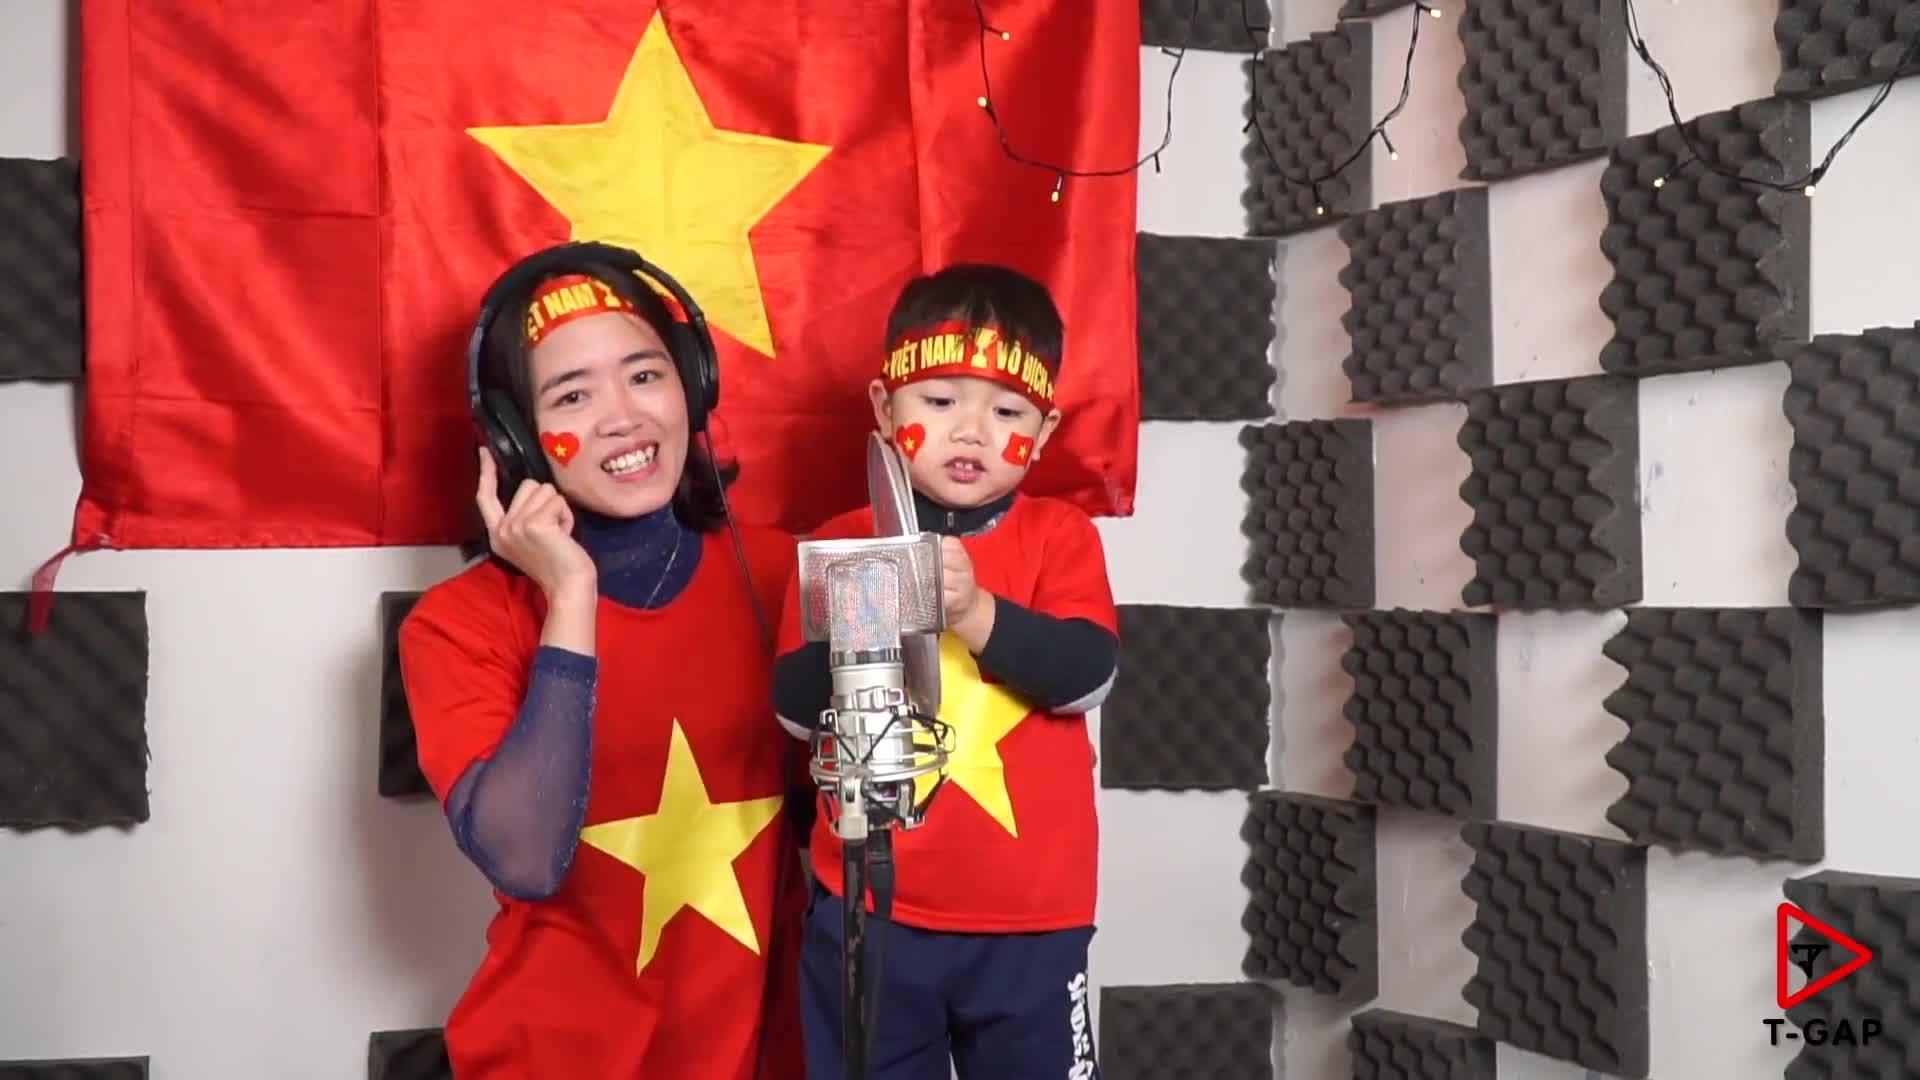 Việt Nam ơi - khúc ca cổ vũ bóng đá khích lệ niềm tự hào dân tộc